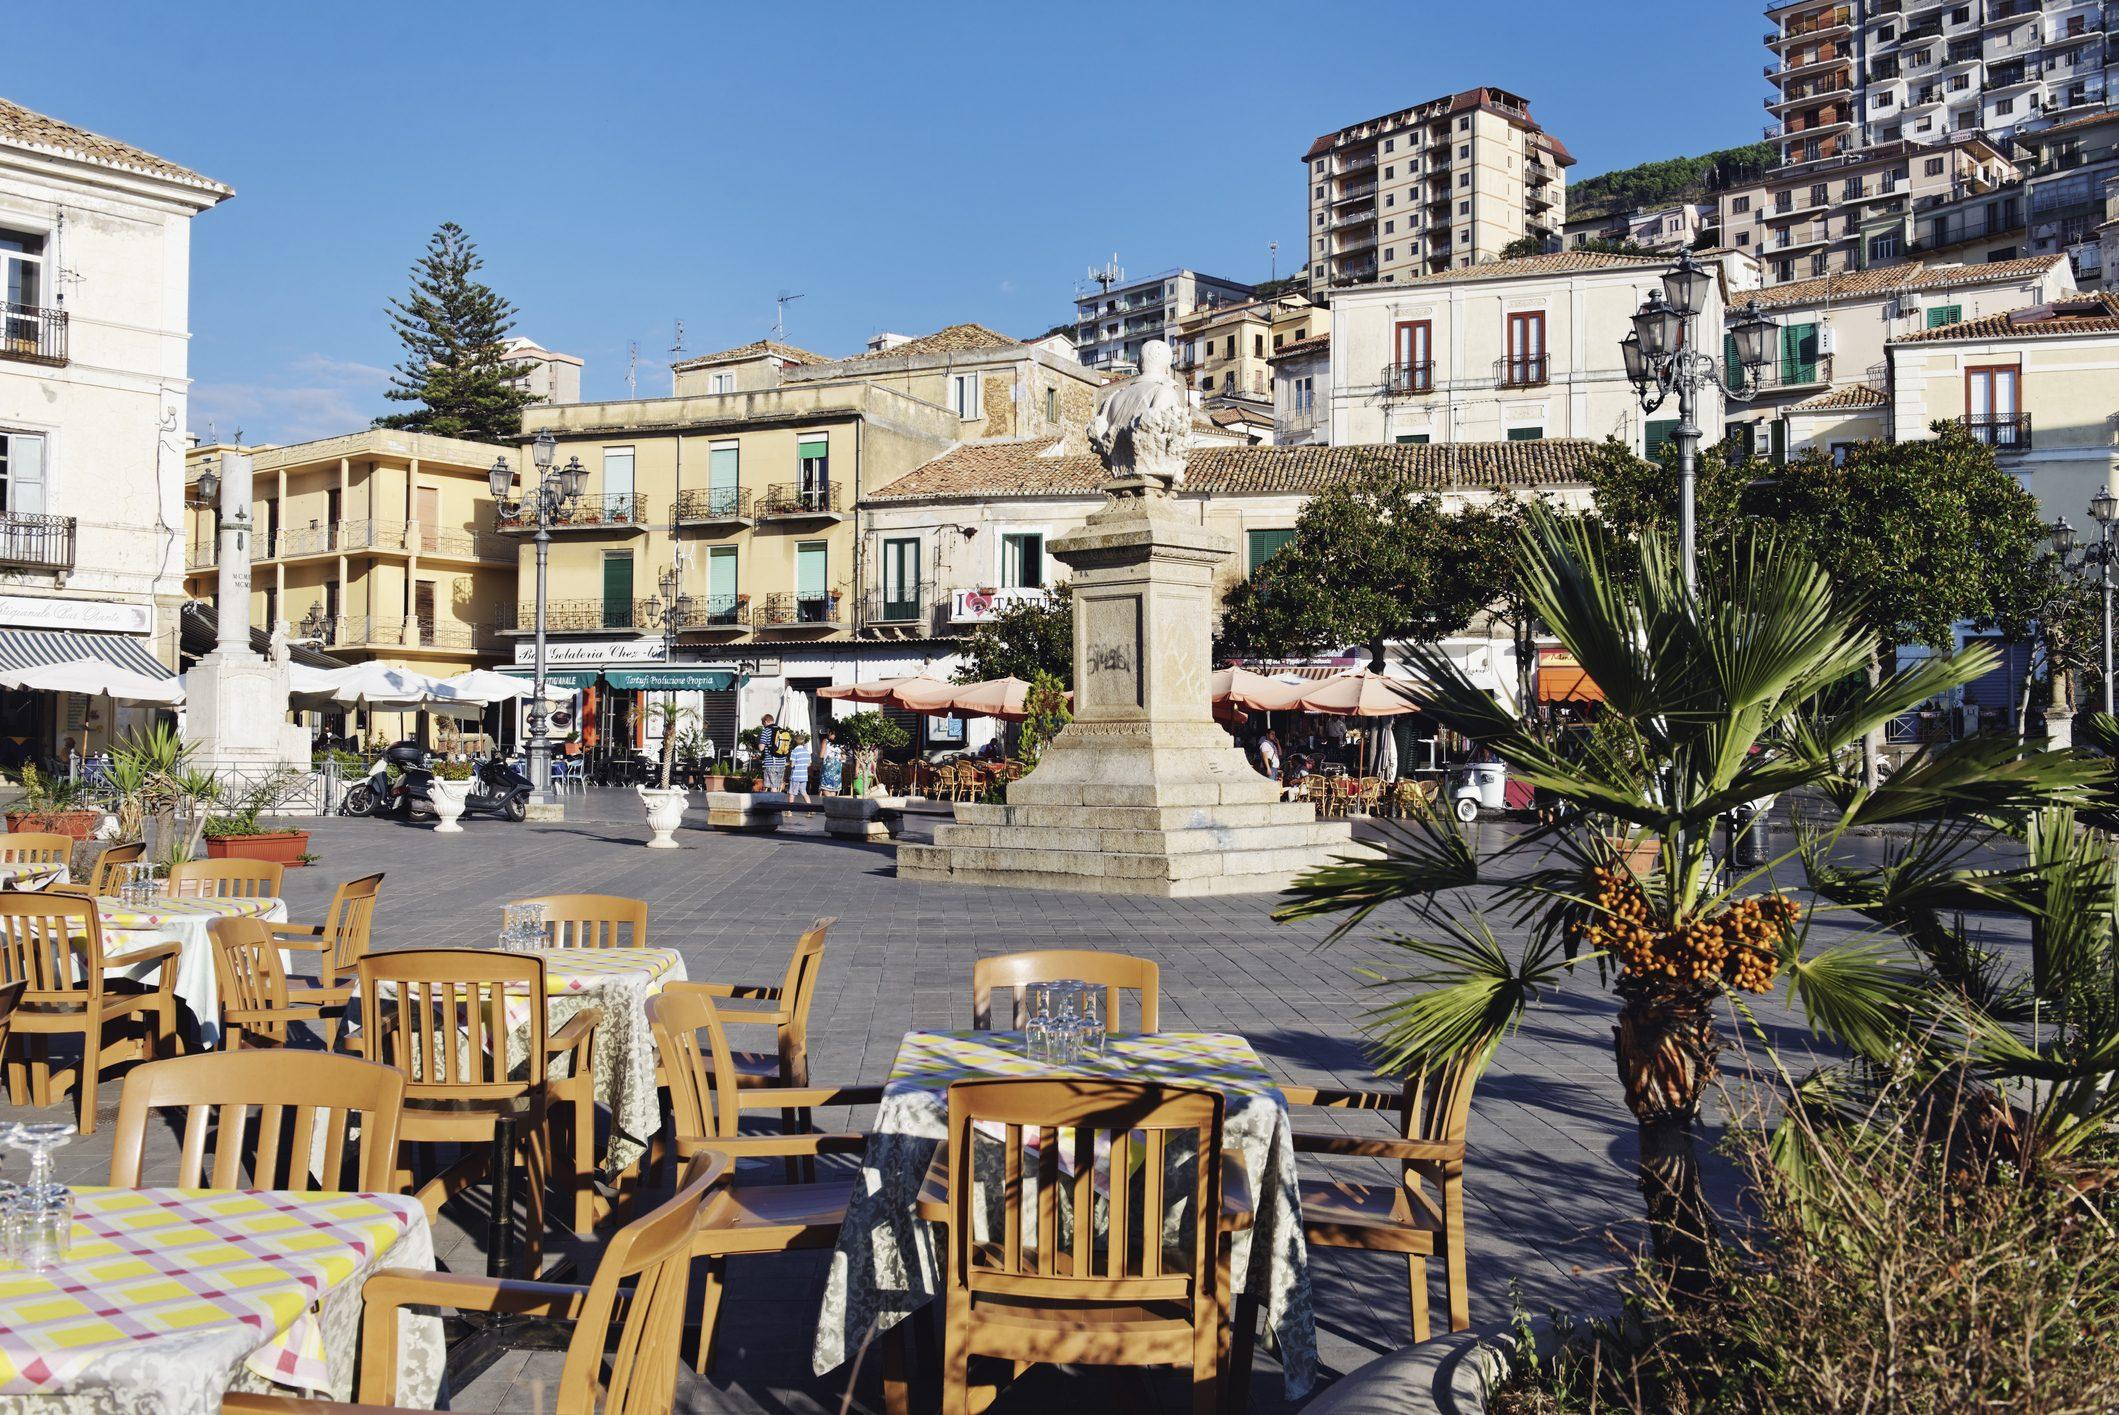 La Calabria riapre i ristoranti, per il governo è un atto illegittimo